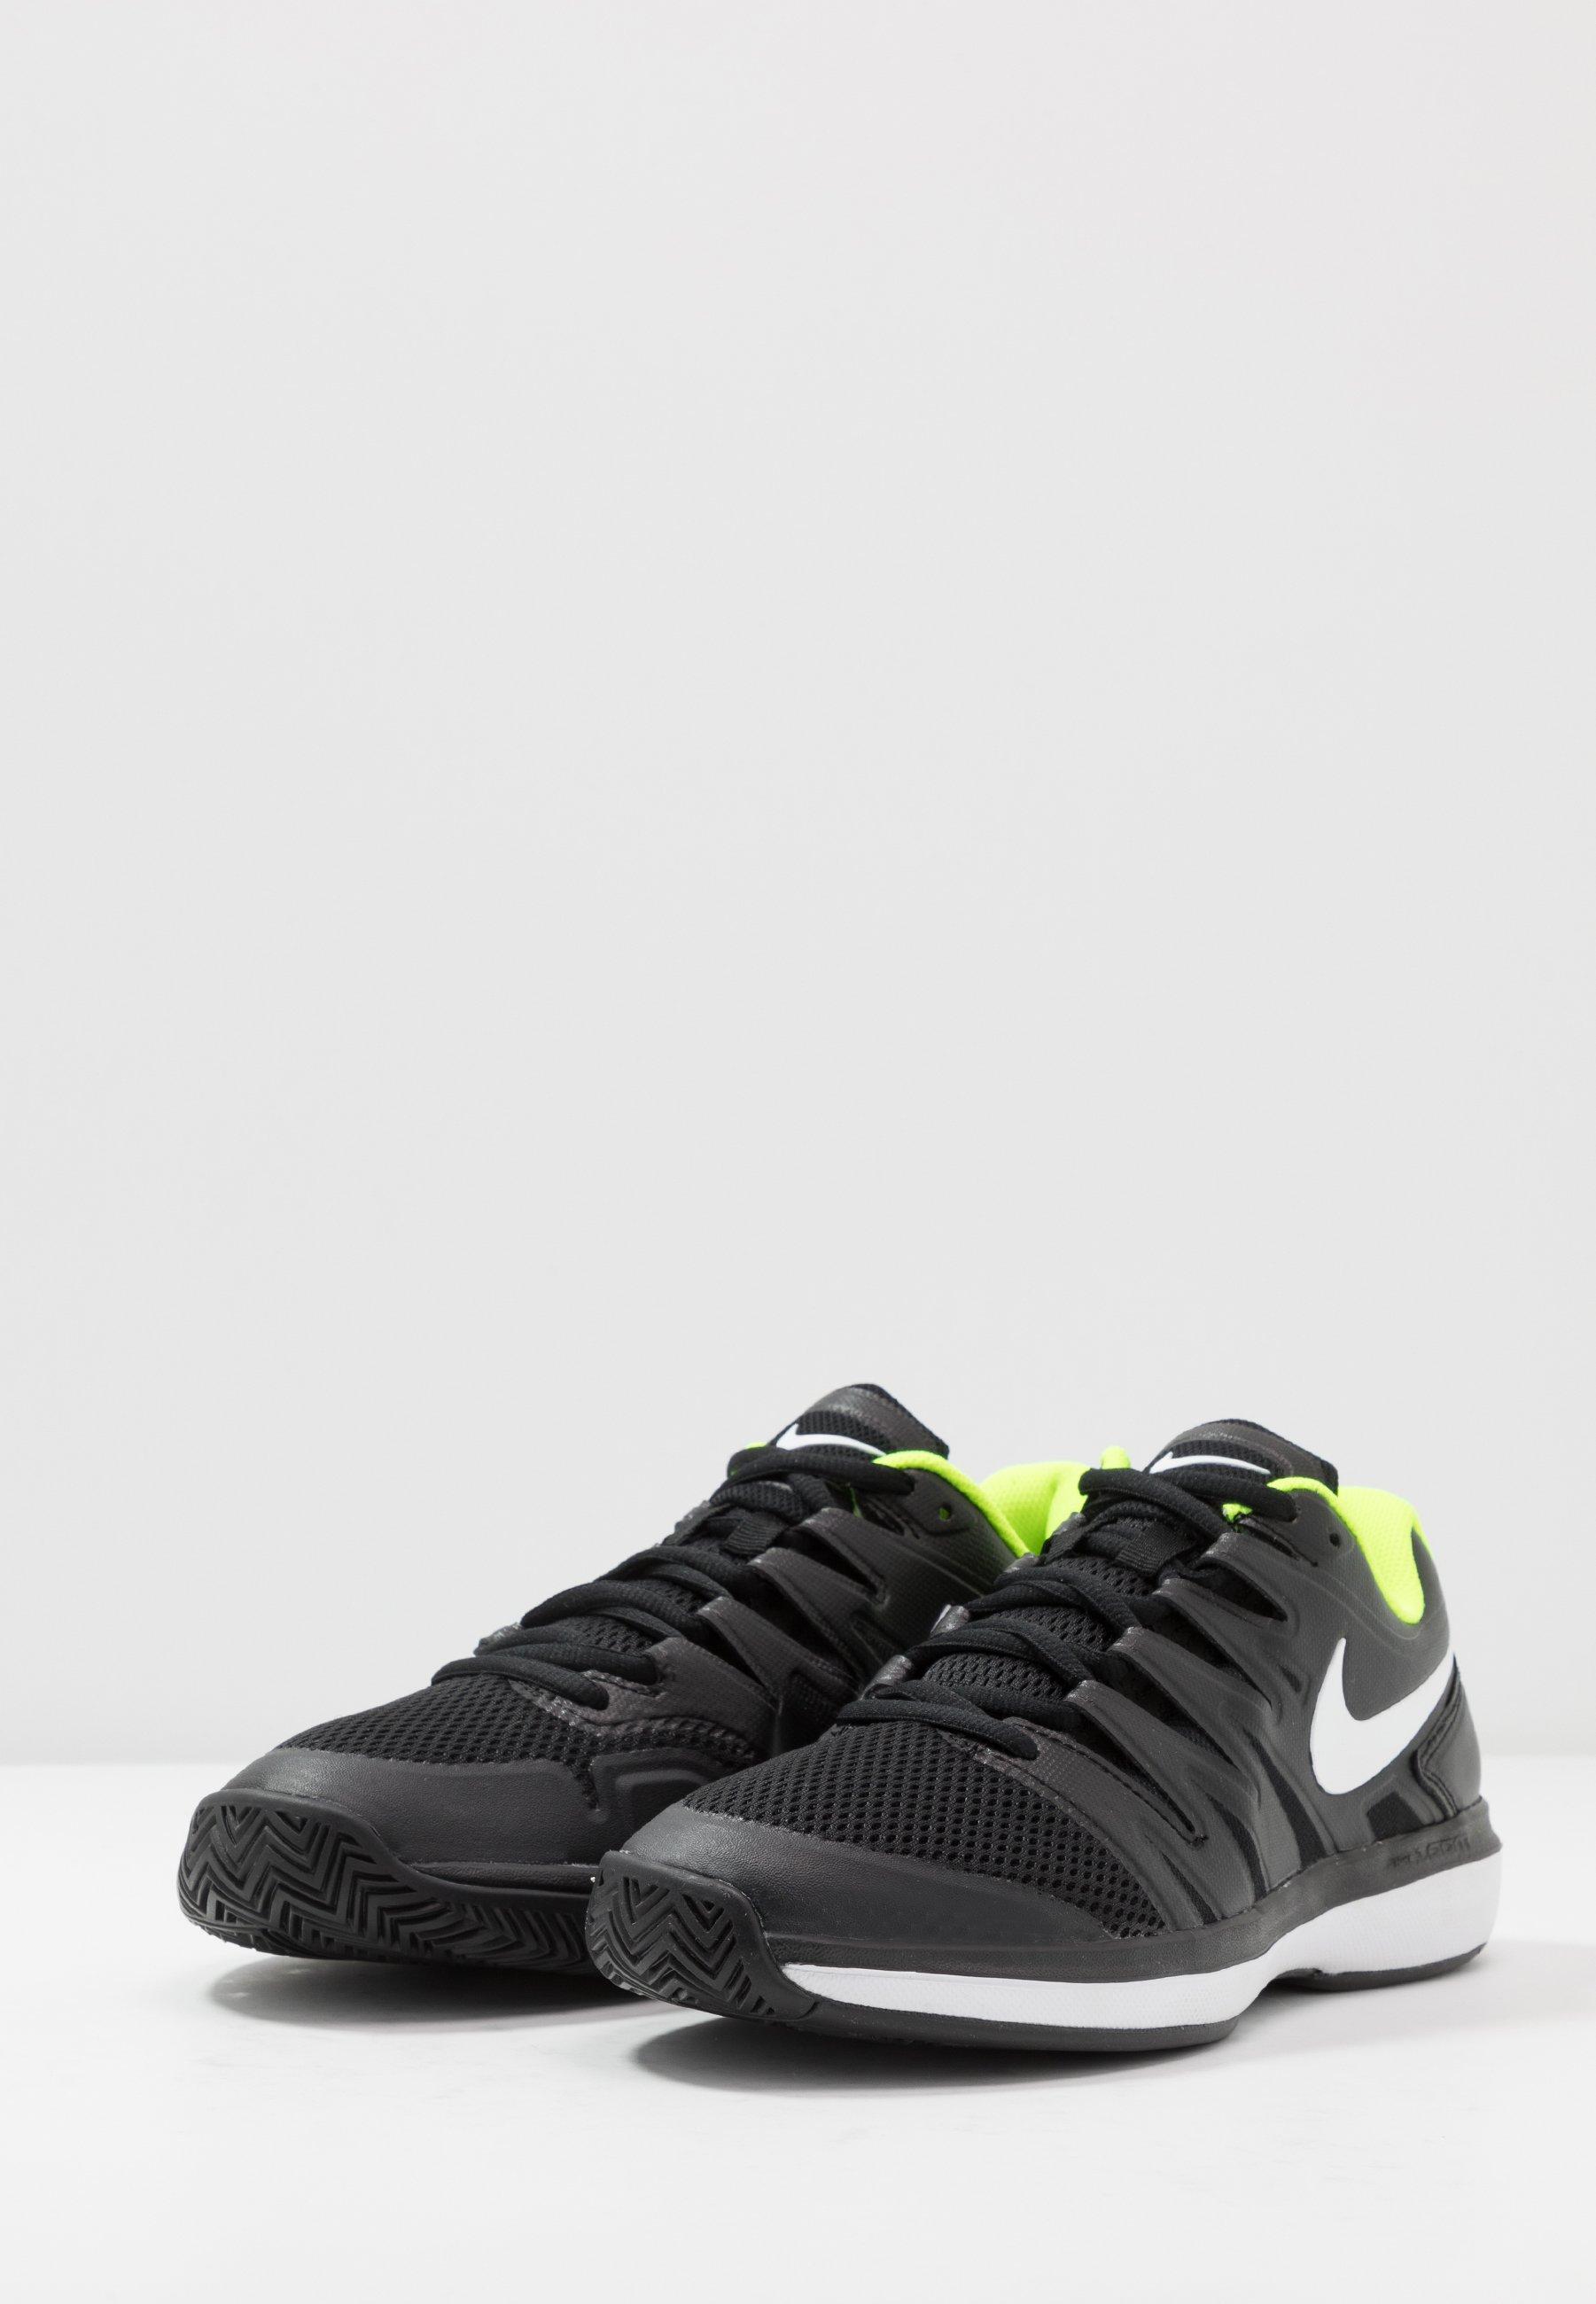 Particolare Scarpe da uomo Nike Performance AIR ZOOM PRESTIGE Scarpe da tennis per tutte le superfici black/white/volt